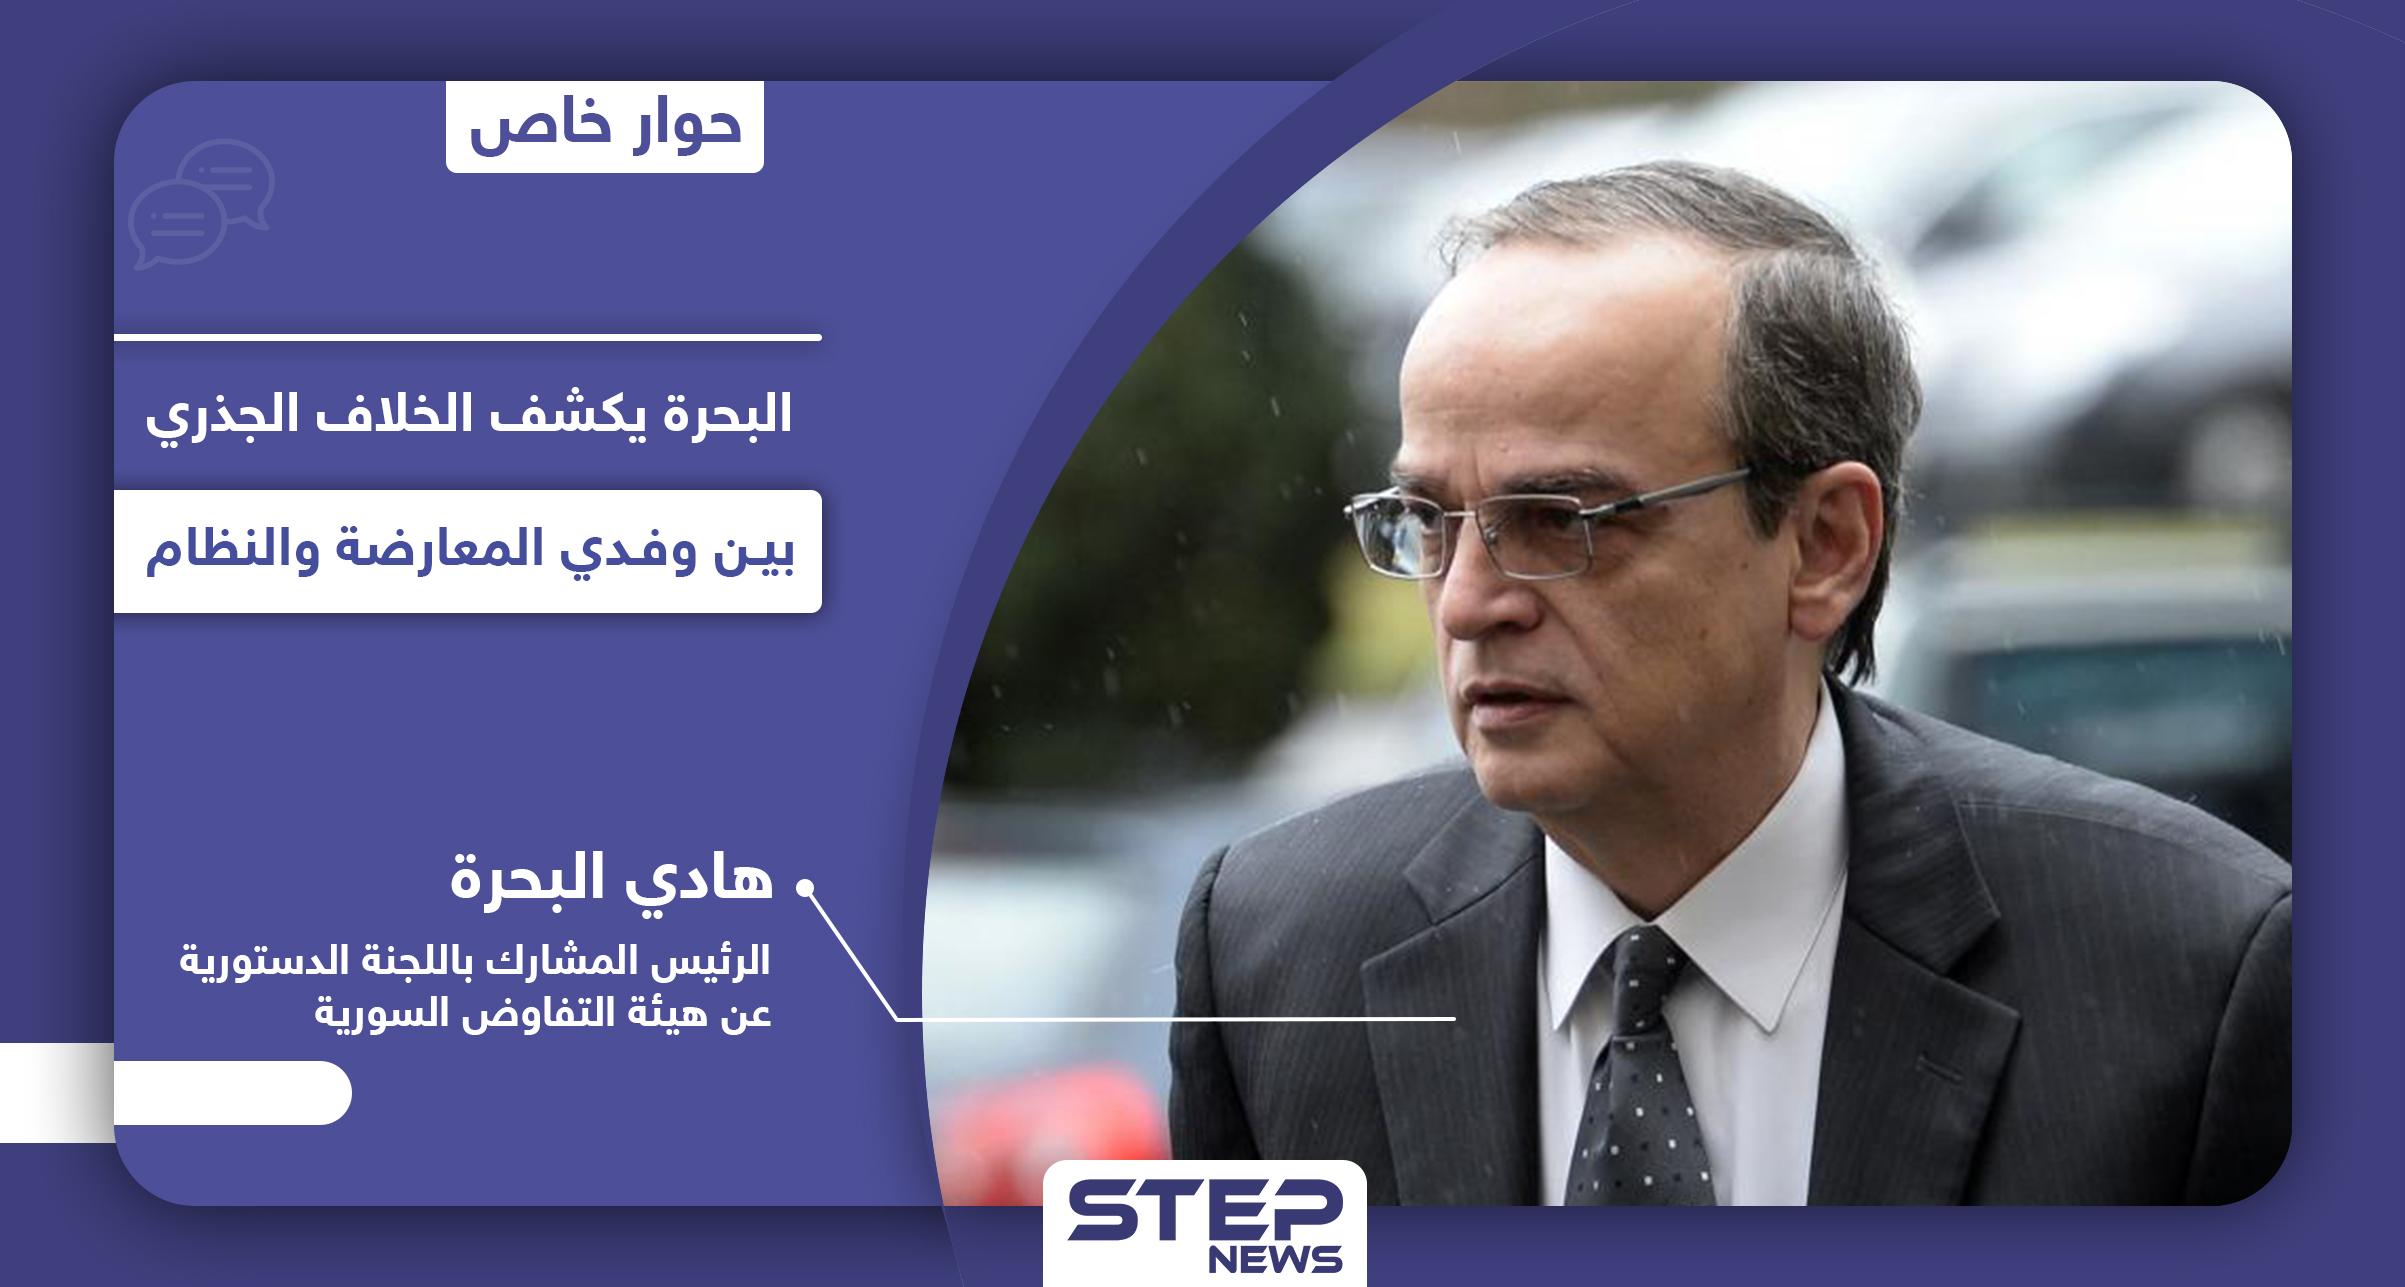 هادي البحرة يكشف مكامن الخلل في عمل اللجنة الدستورية وكيف قَبِلَ النظام السوري بتجاوز دستور 2012